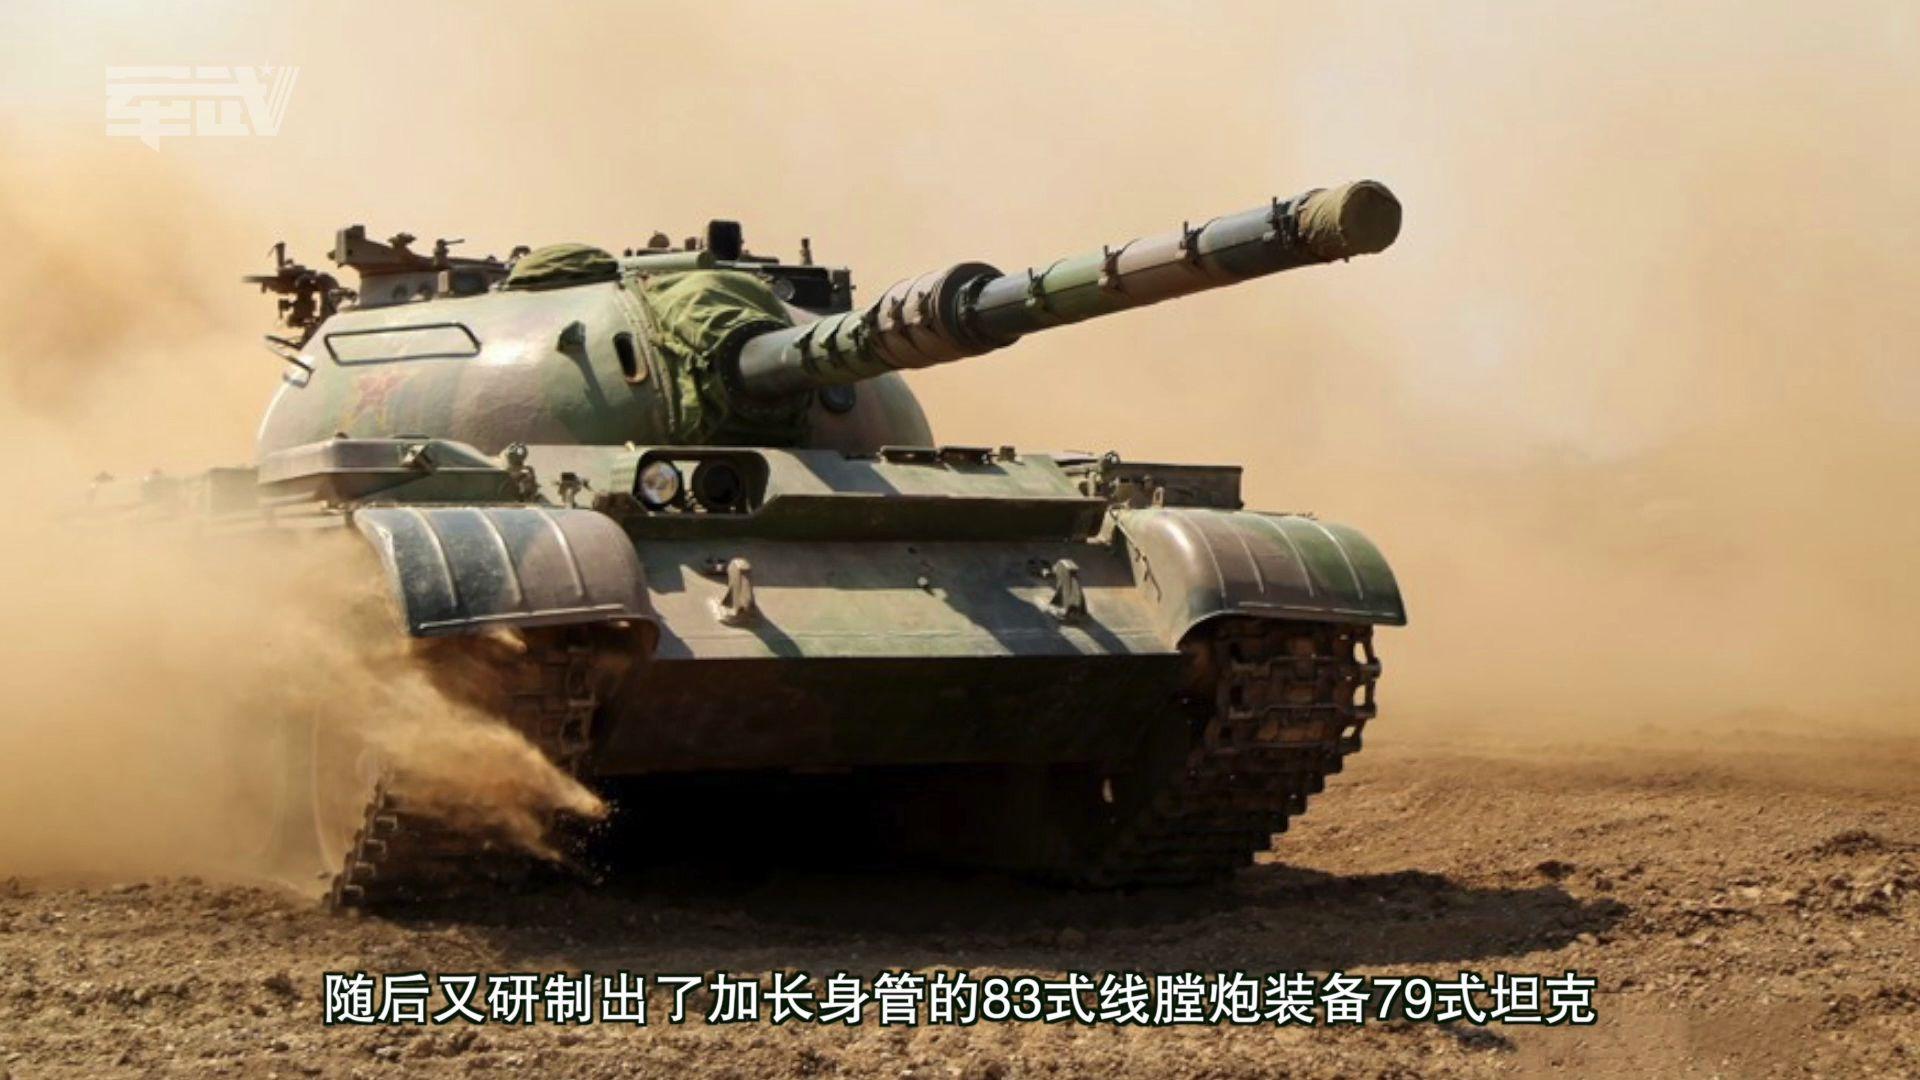 2公里外击穿印度T-90坦克,中国15式坦克的主炮威力有多恐怖?